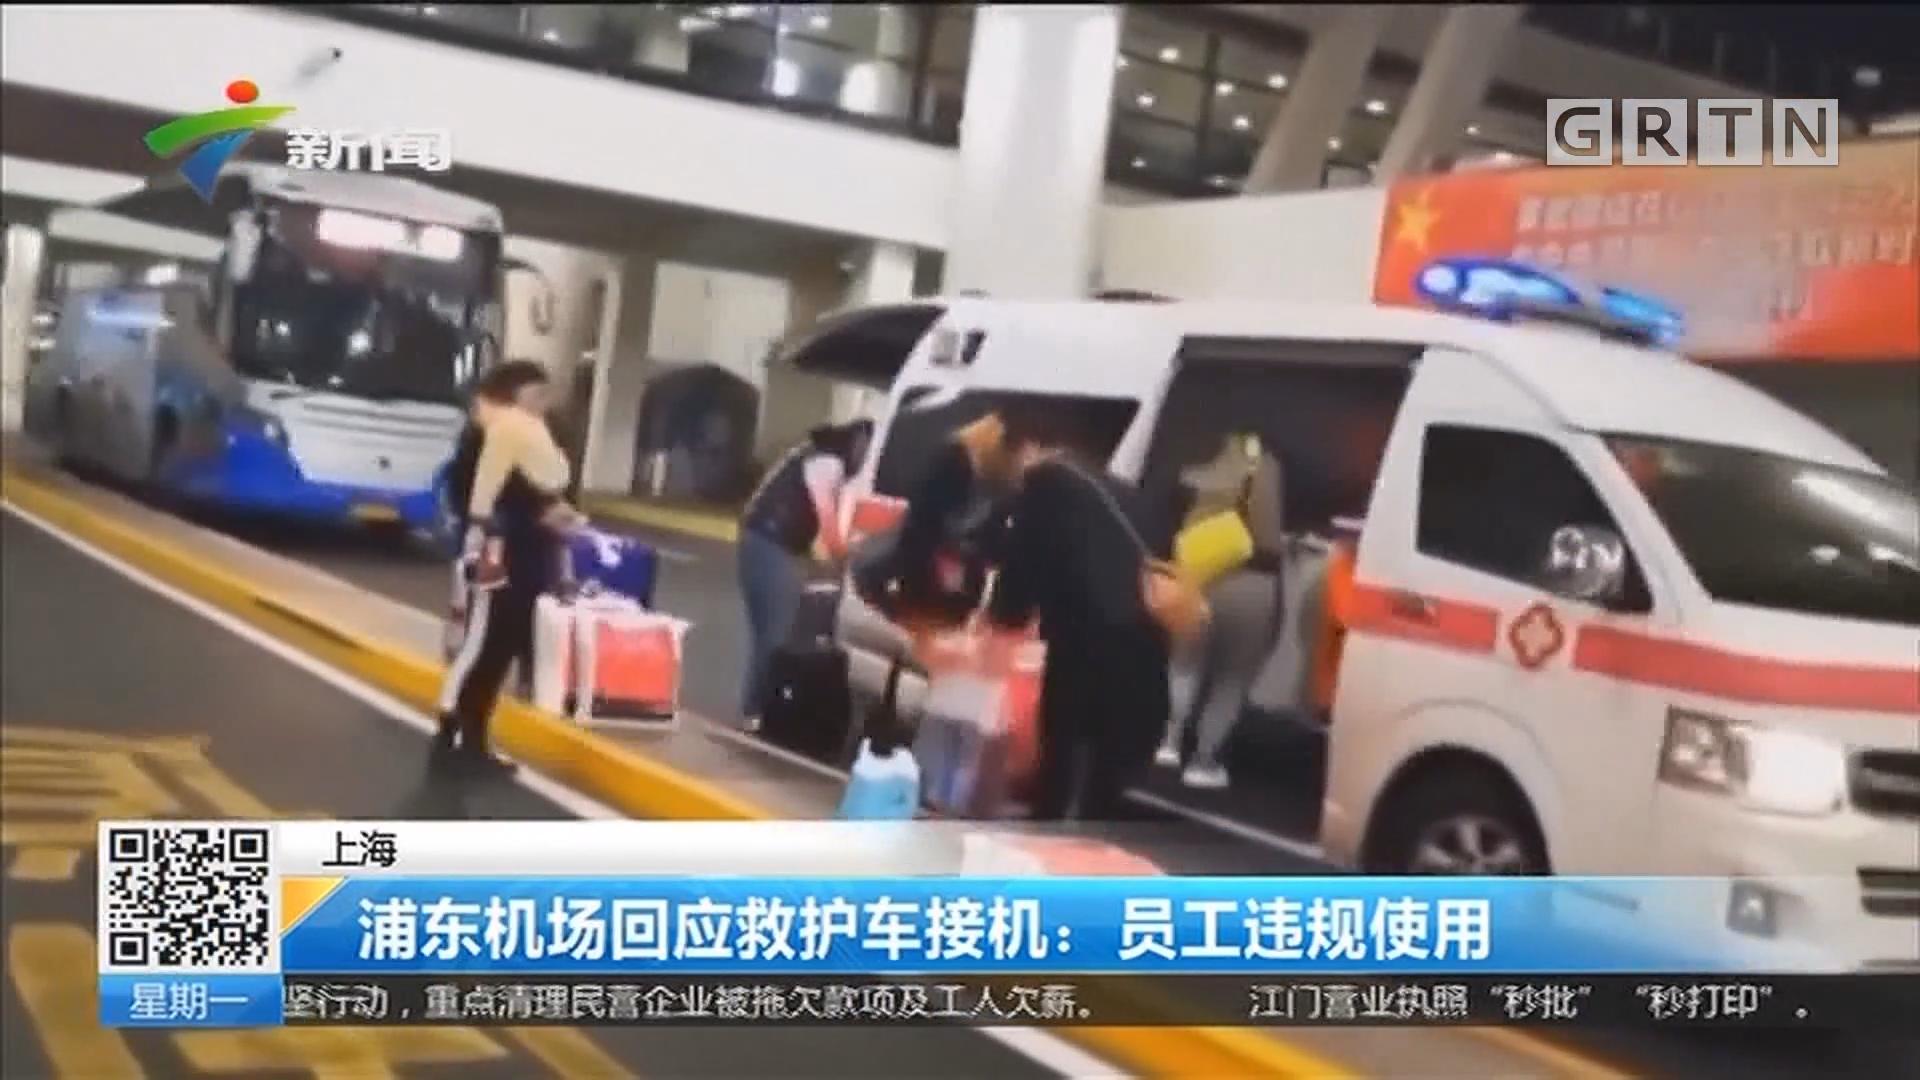 上海 浦东机场回应救护车接机:员工违规使用